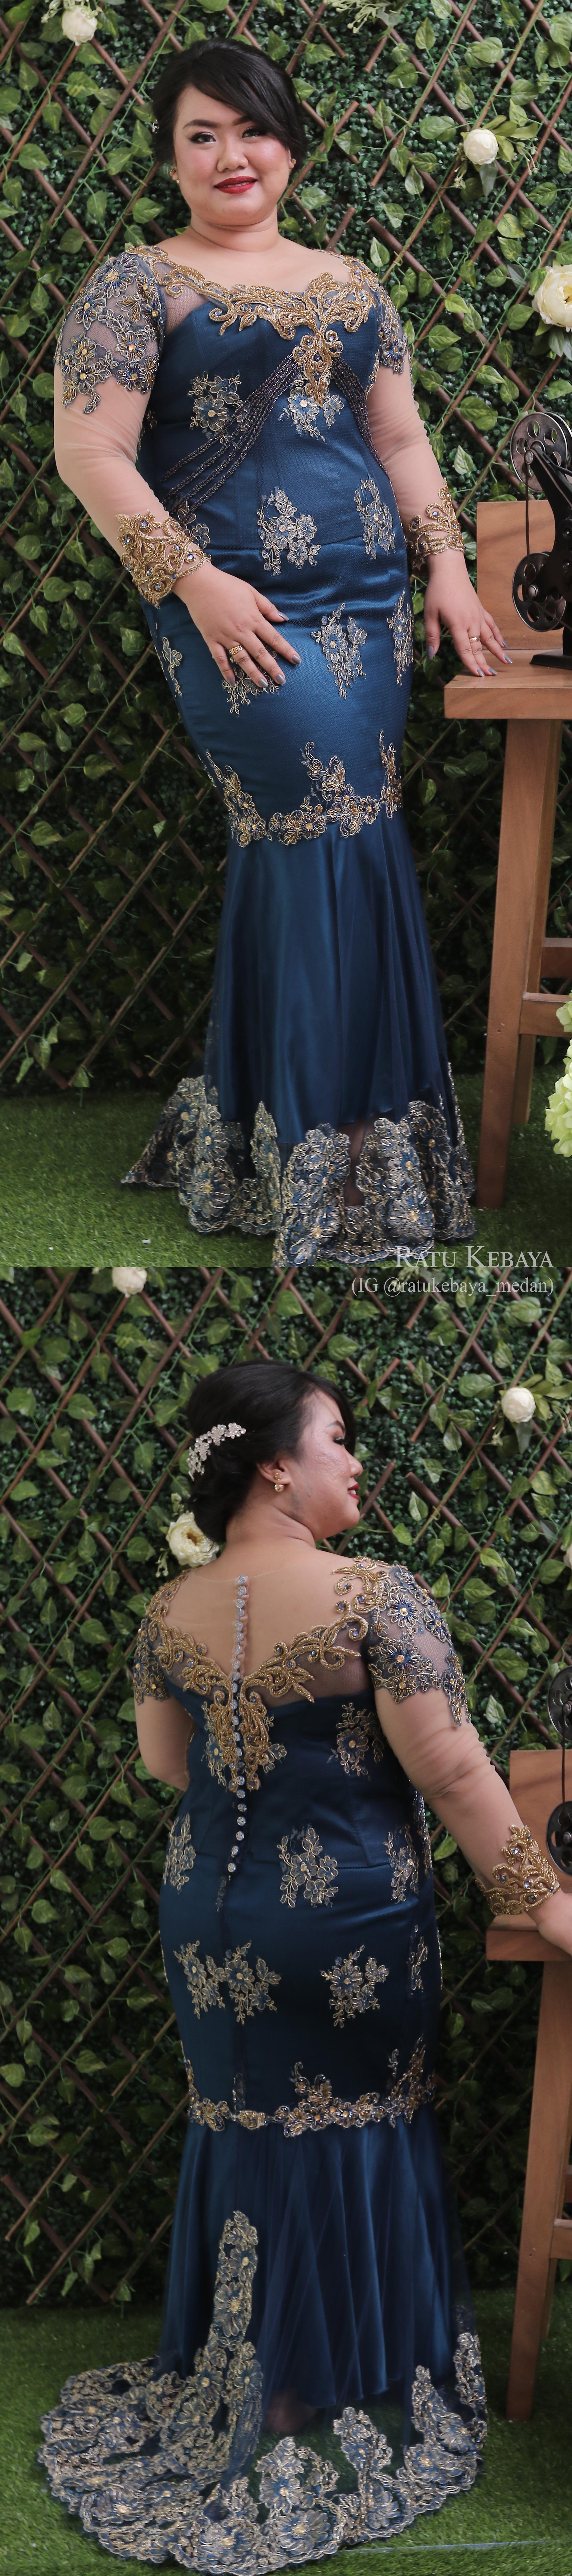 Gaun Renda Dengan Detail Rok Duyung Ig Ratukebaya Medean Kebaya